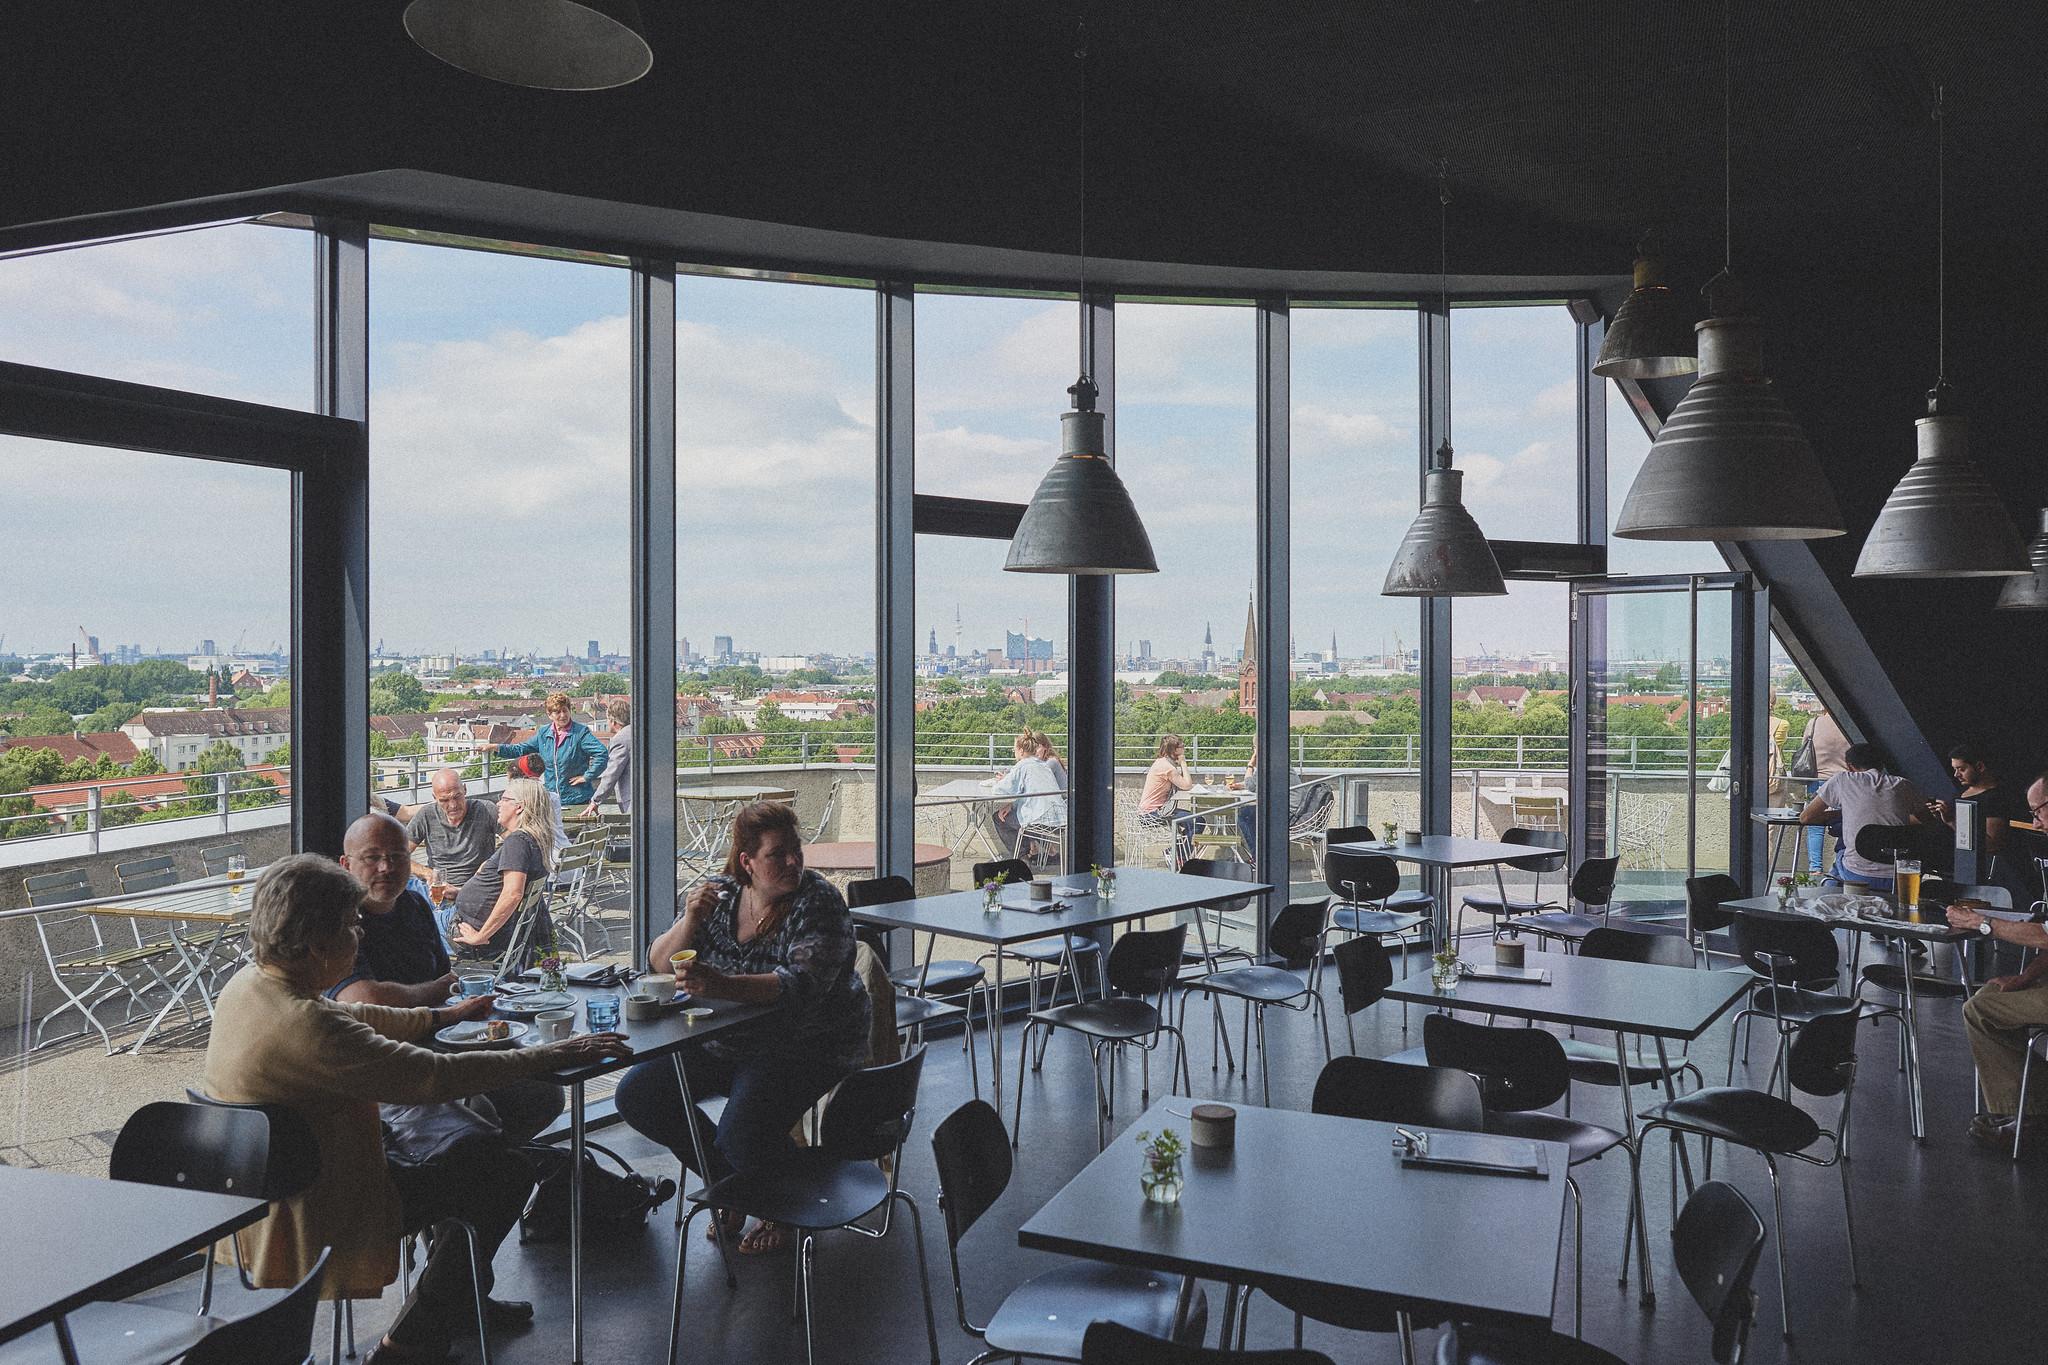 Uitkijkpunten in Hamburg, Energiebunker | foto door williwieberg